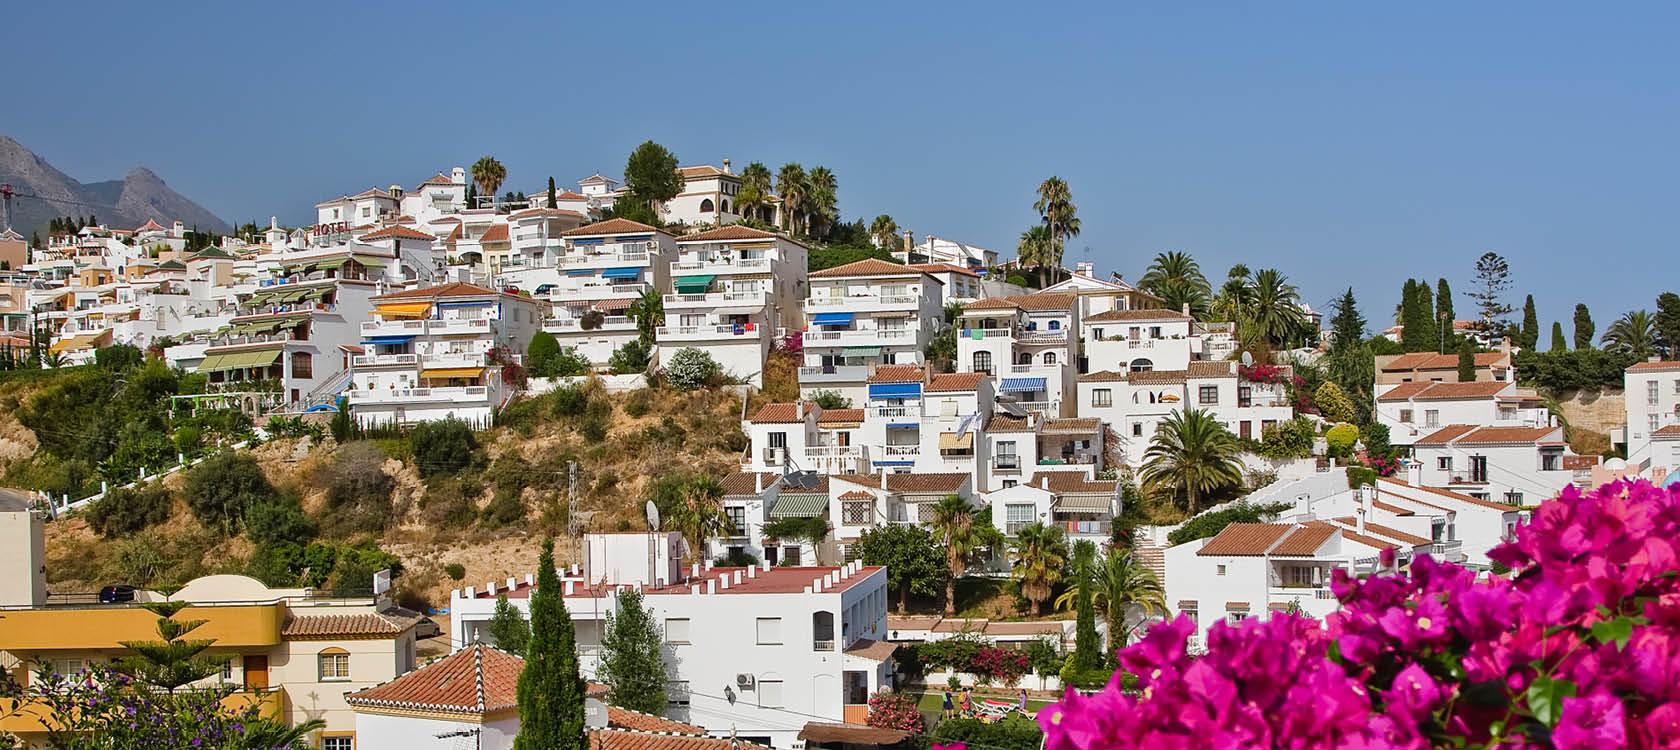 spansk semester med sevärdheter och fin natur